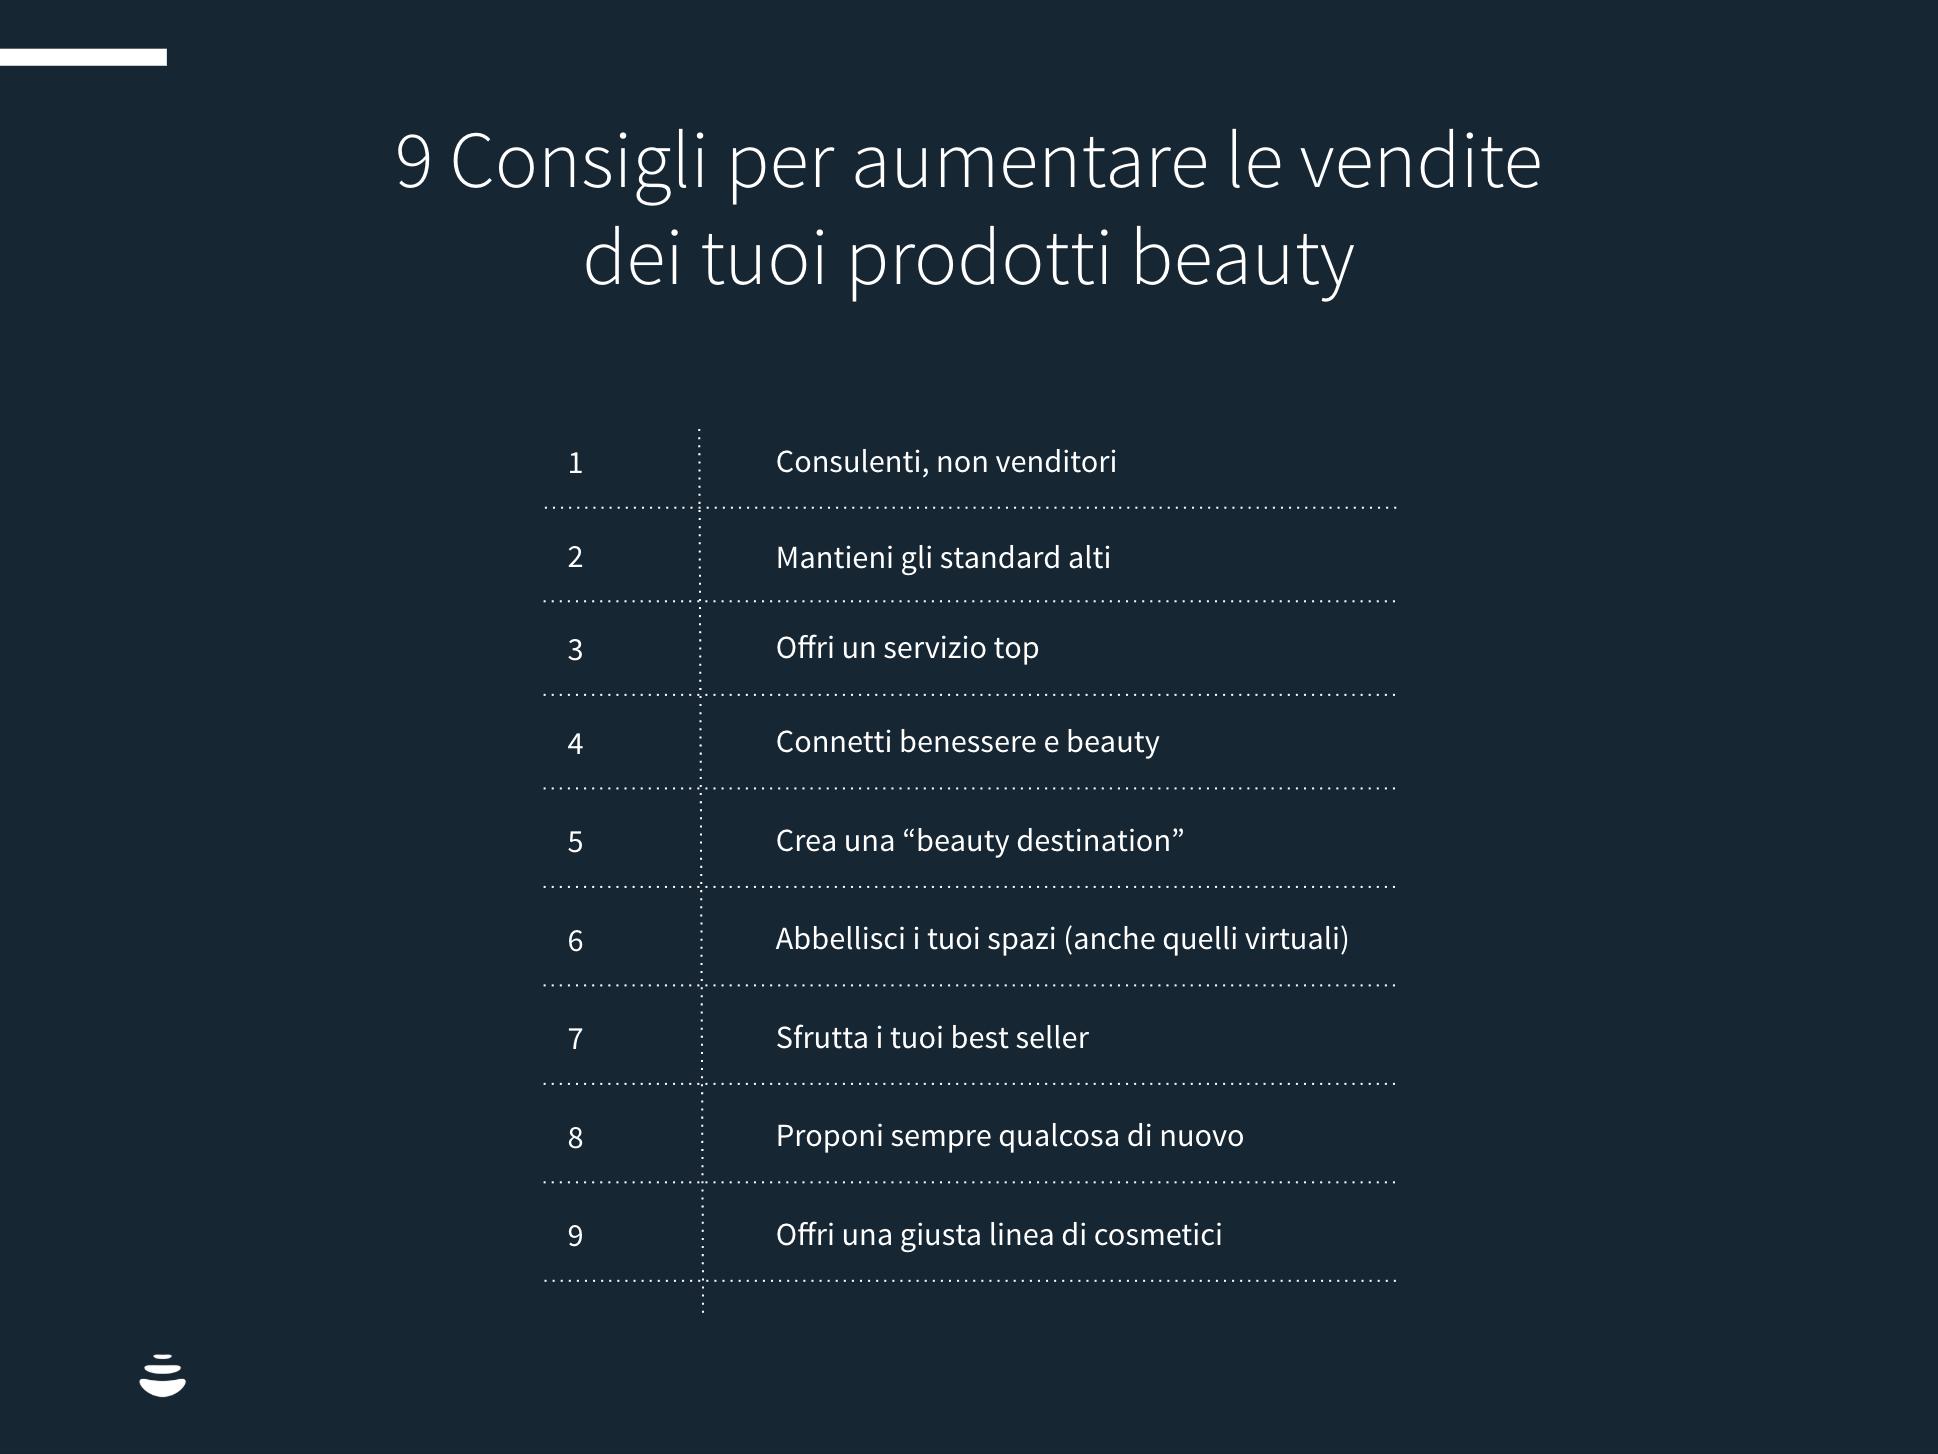 9 consigli per aumentare le vendite beauty